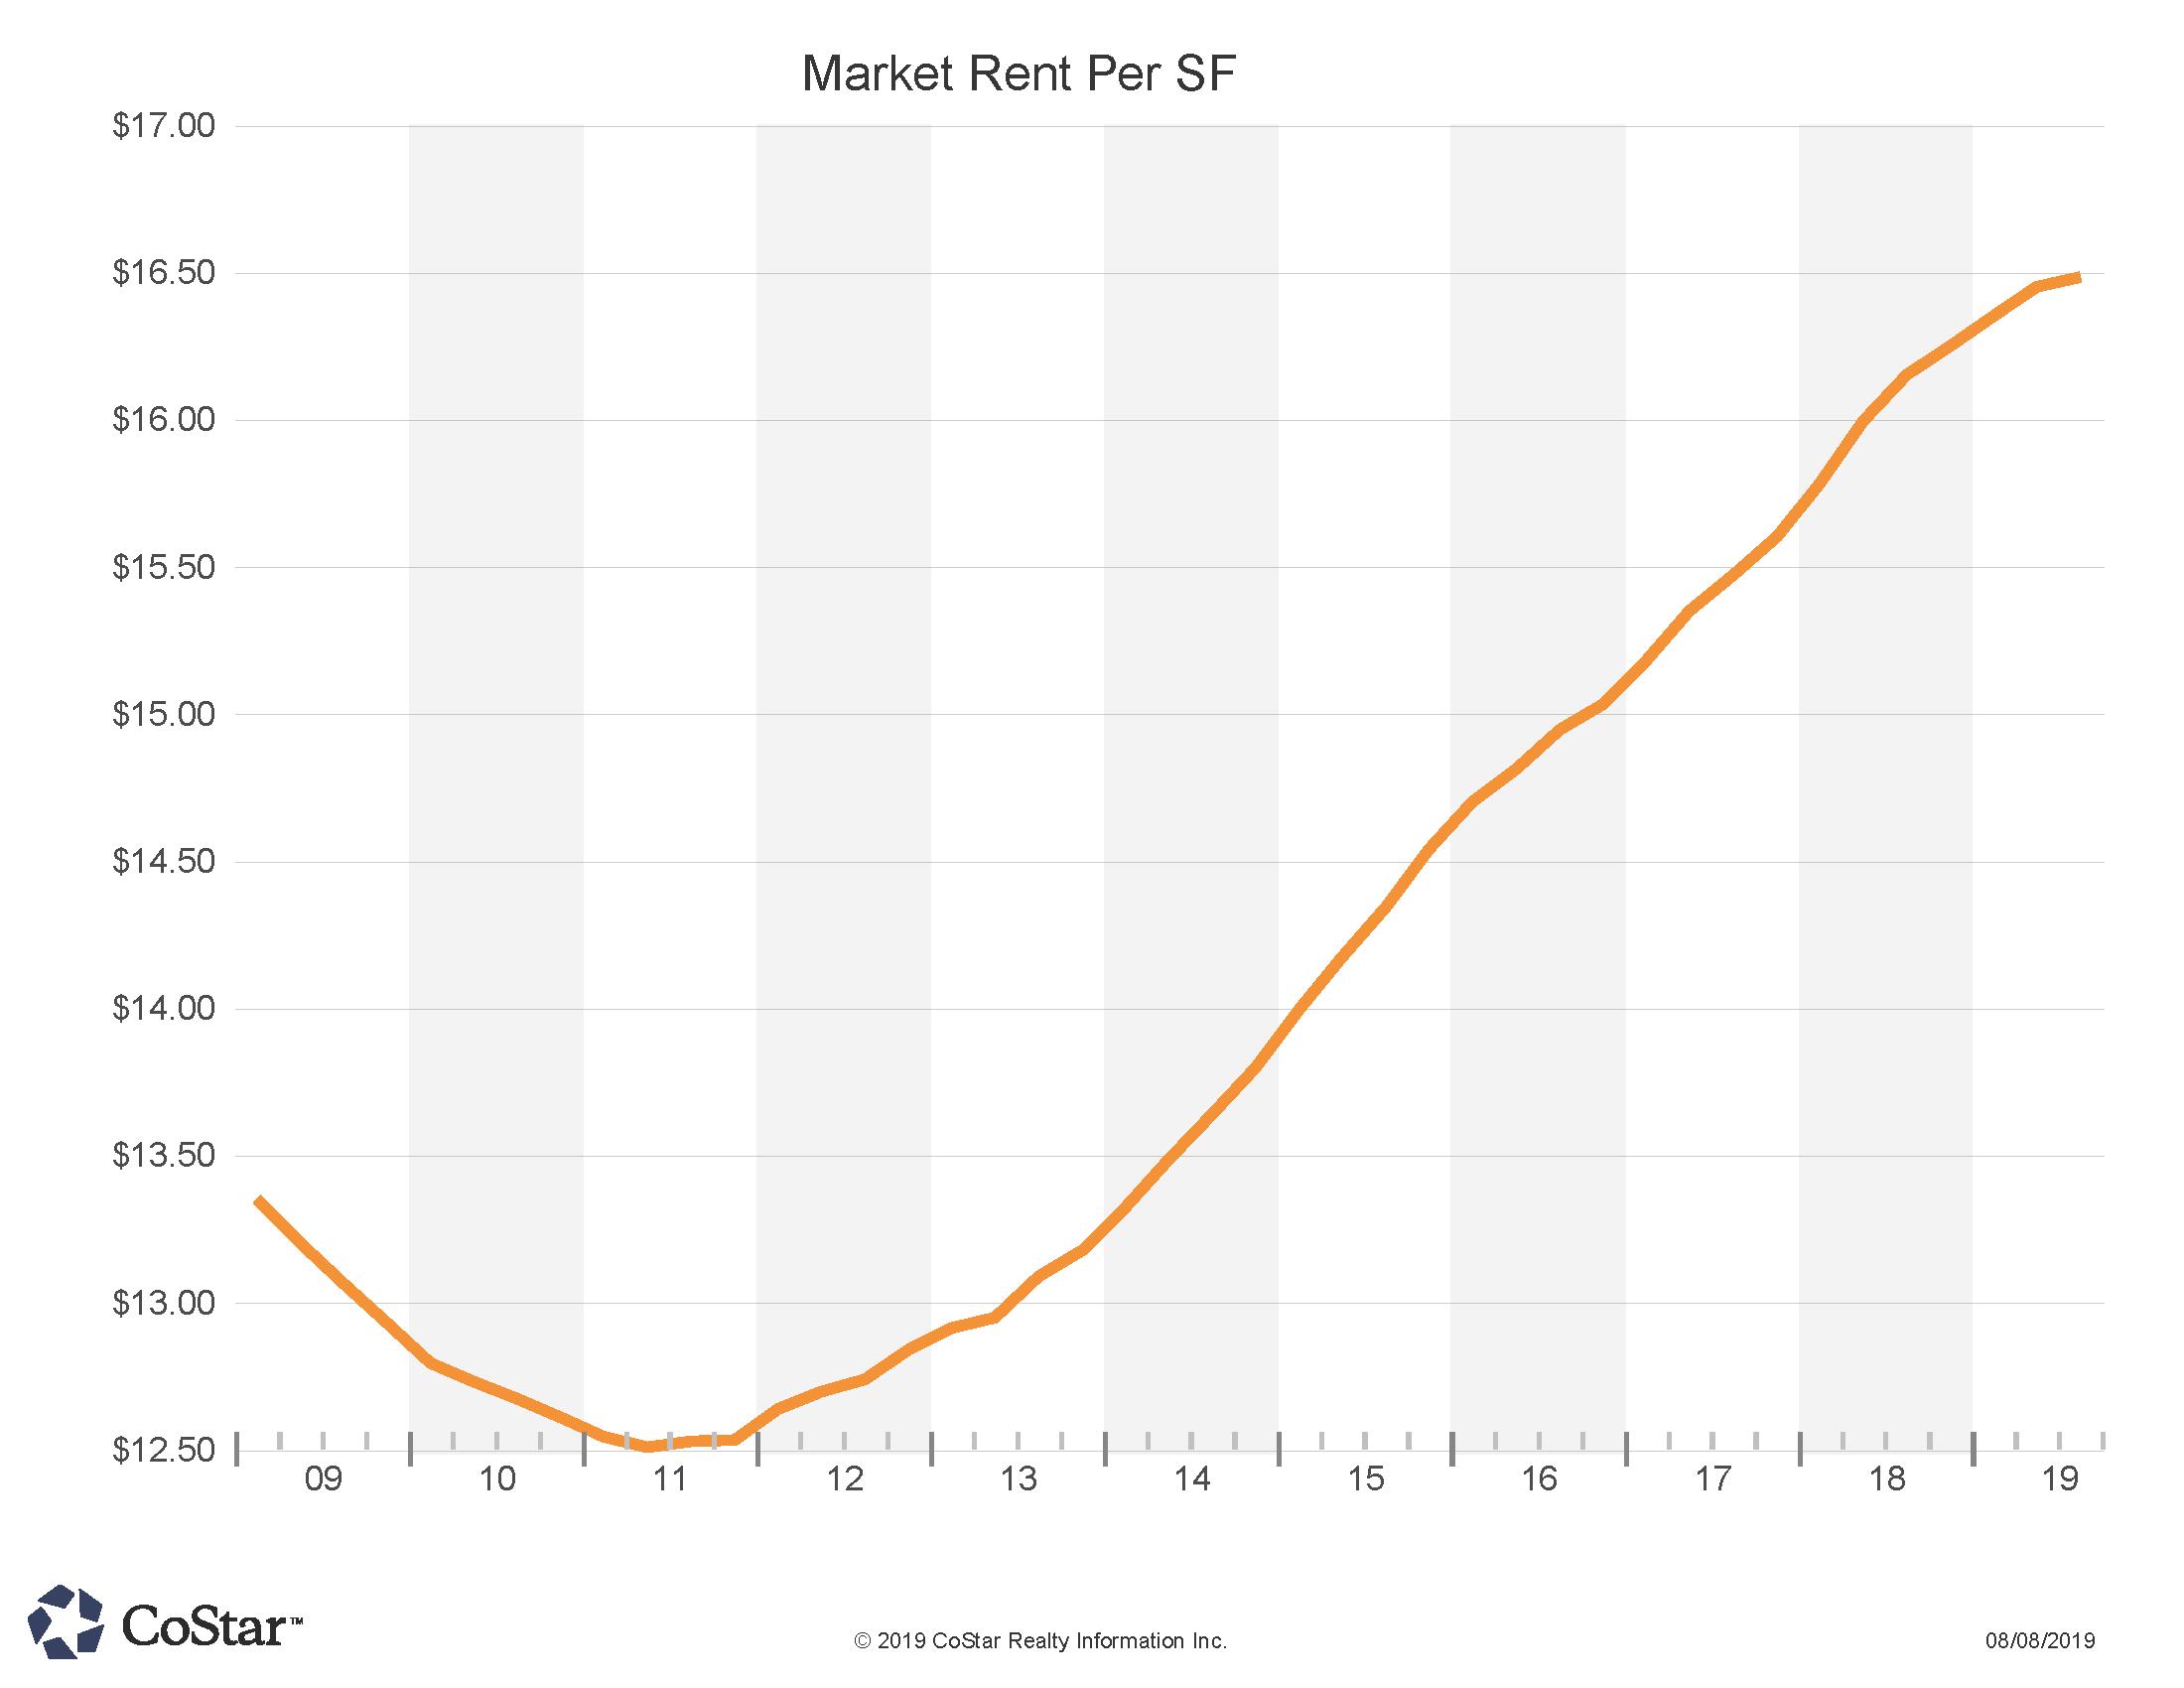 Market Rent Per SF